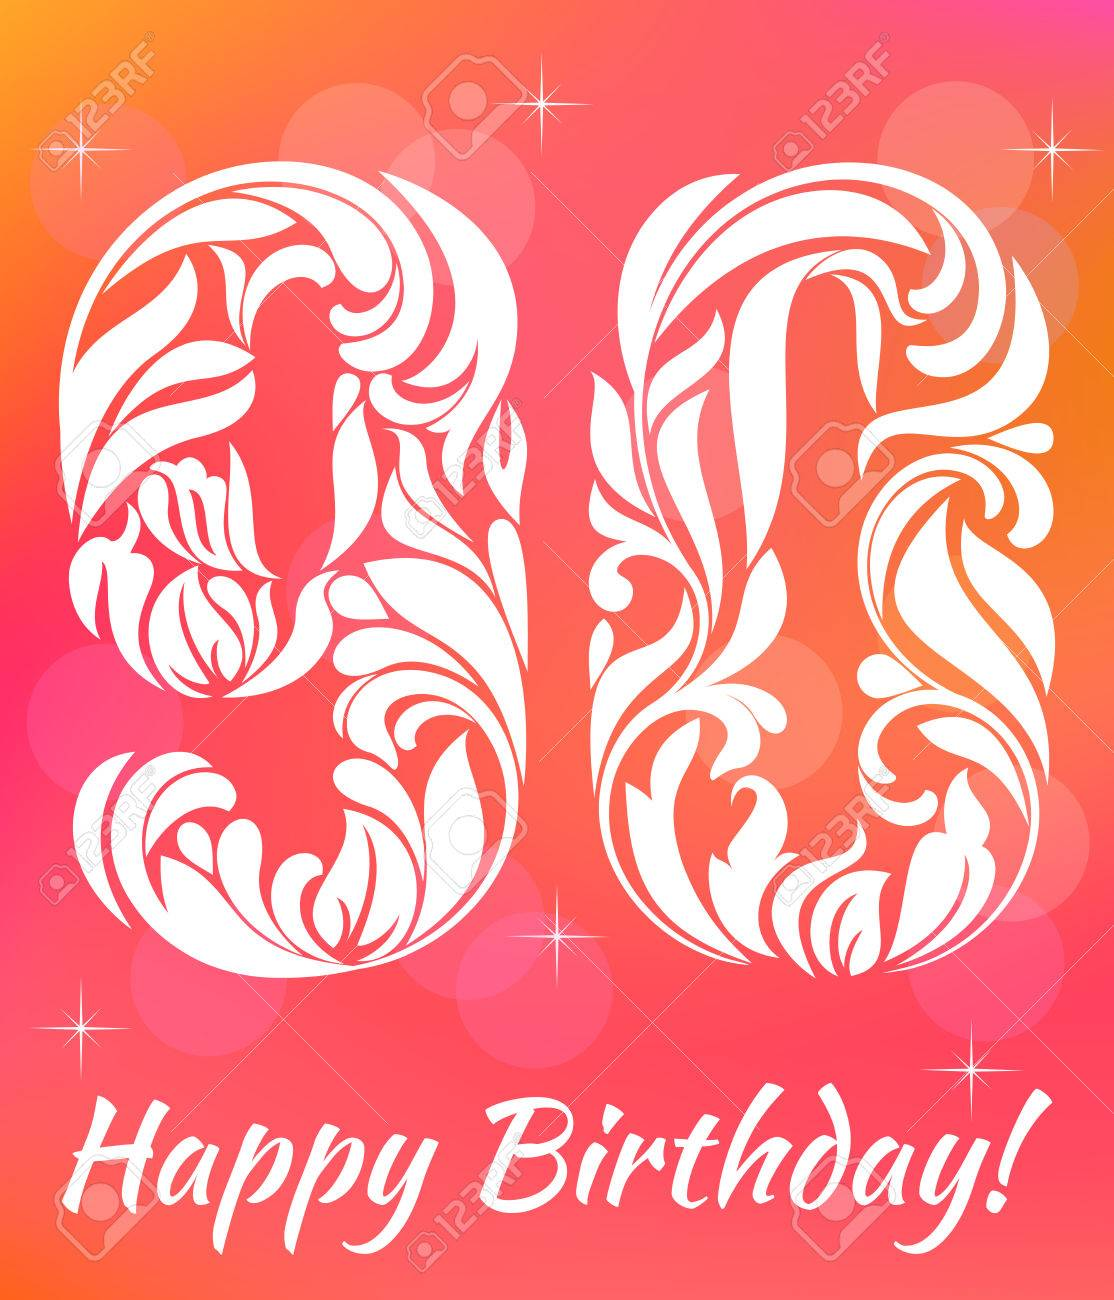 Helle Grußkarte Vorlage. Wir Feiern 90 Jahre Geburtstag